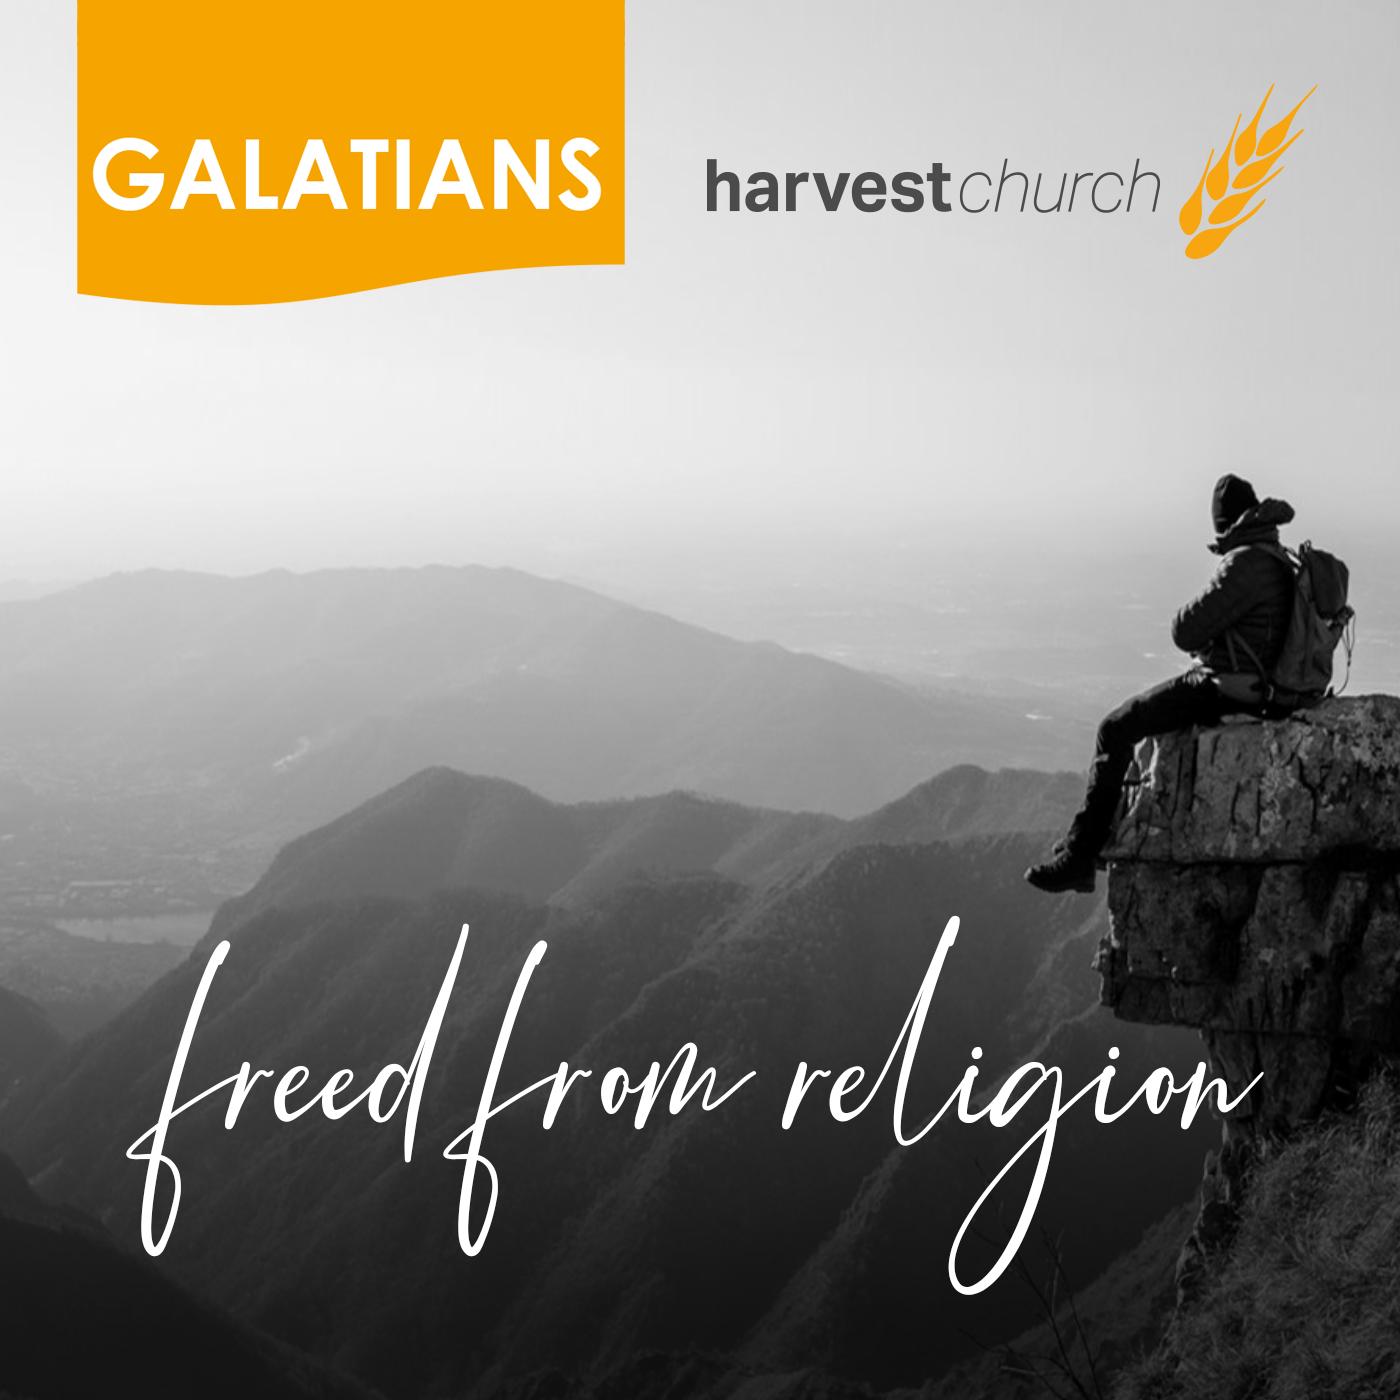 galatians-cover.png